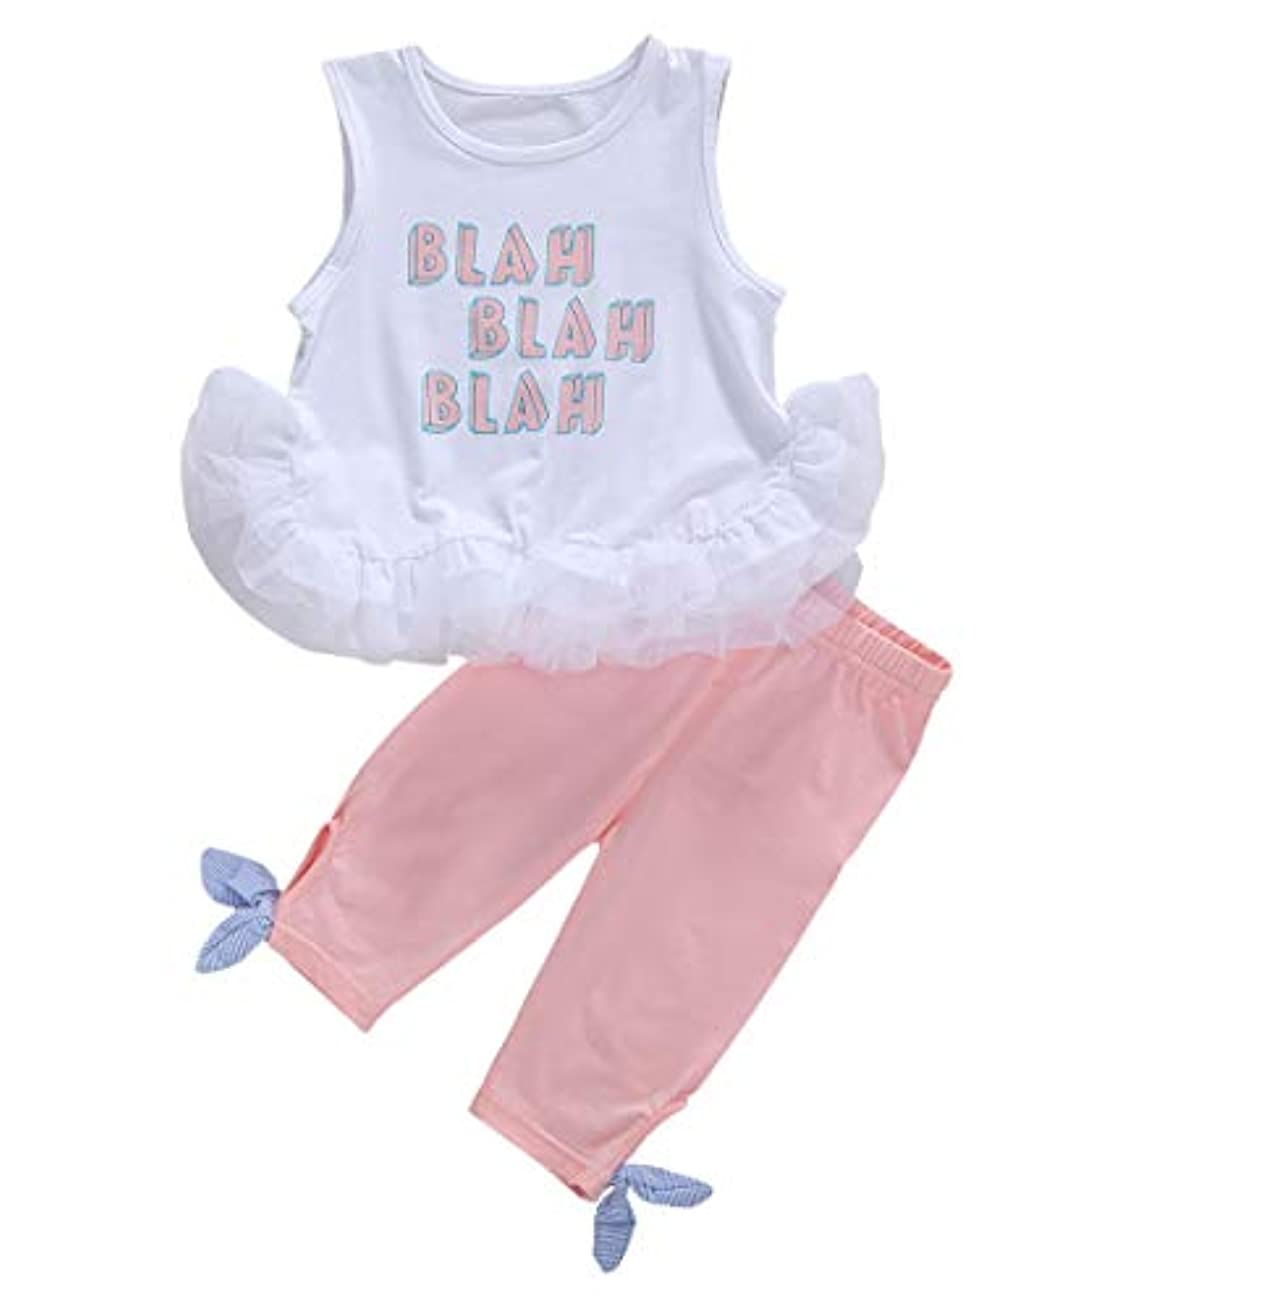 ラップトップ受ける口述する2-7歳 幼児の赤ちゃん女の子ブラノースリーブホワイトフリルタンクベストトップとピンクのパンツの衣装セット